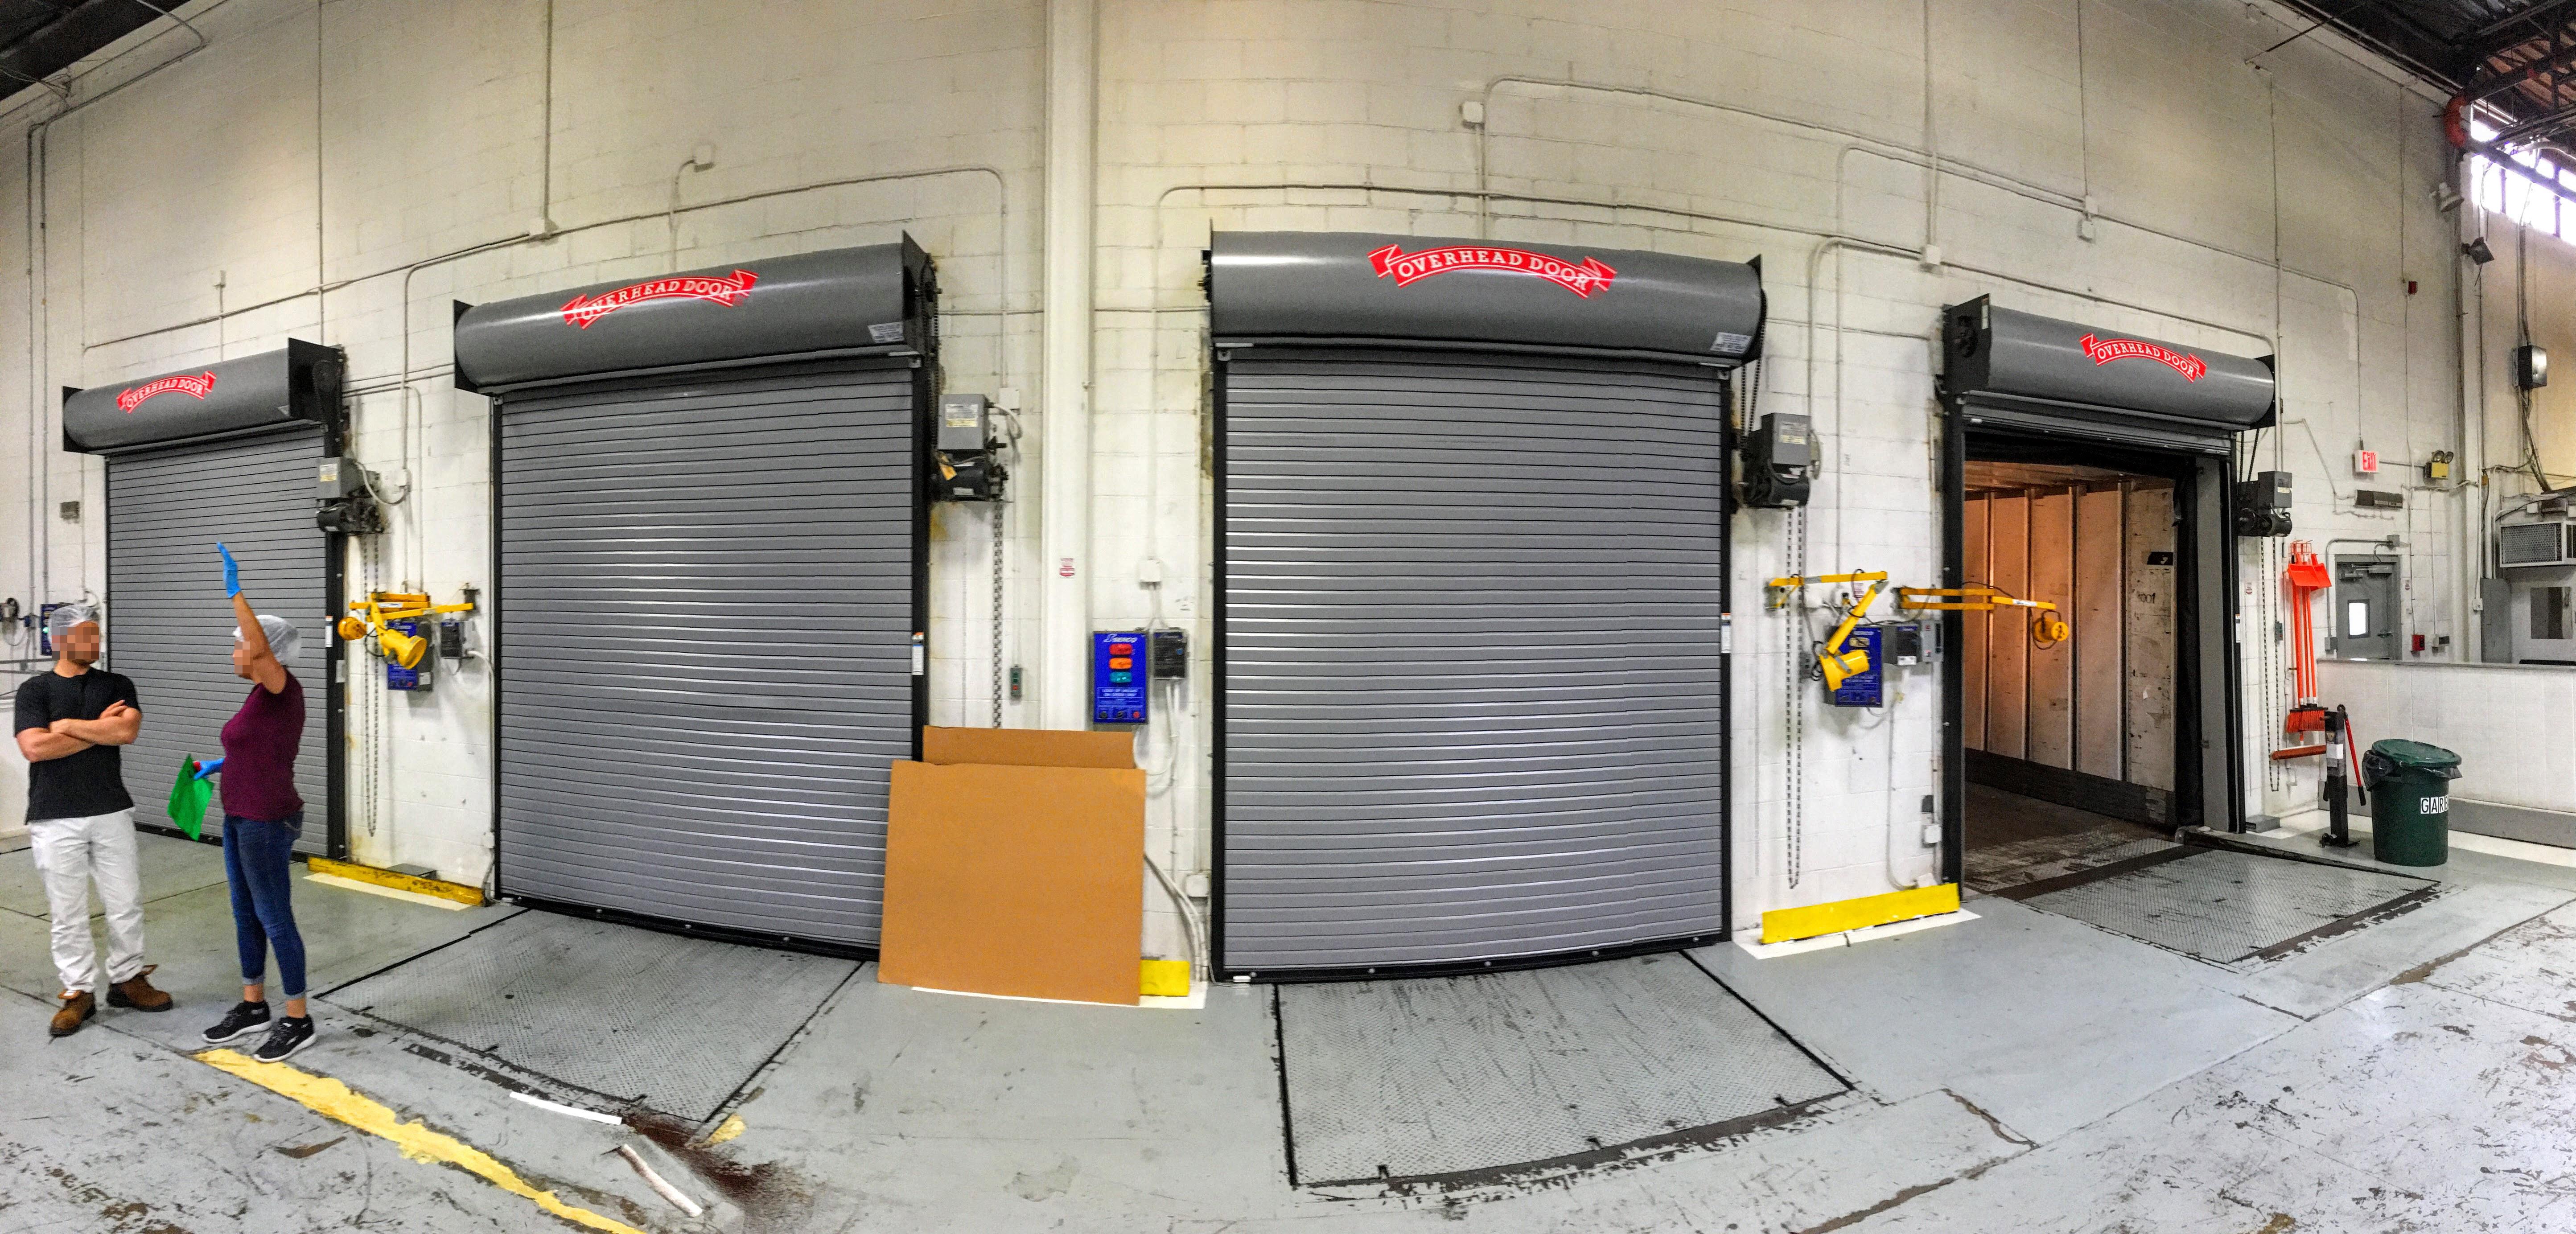 Dock Door Repair Commercial Dock Door Parts Installation And Rolling Dock  Doors New Jersey U0026 New